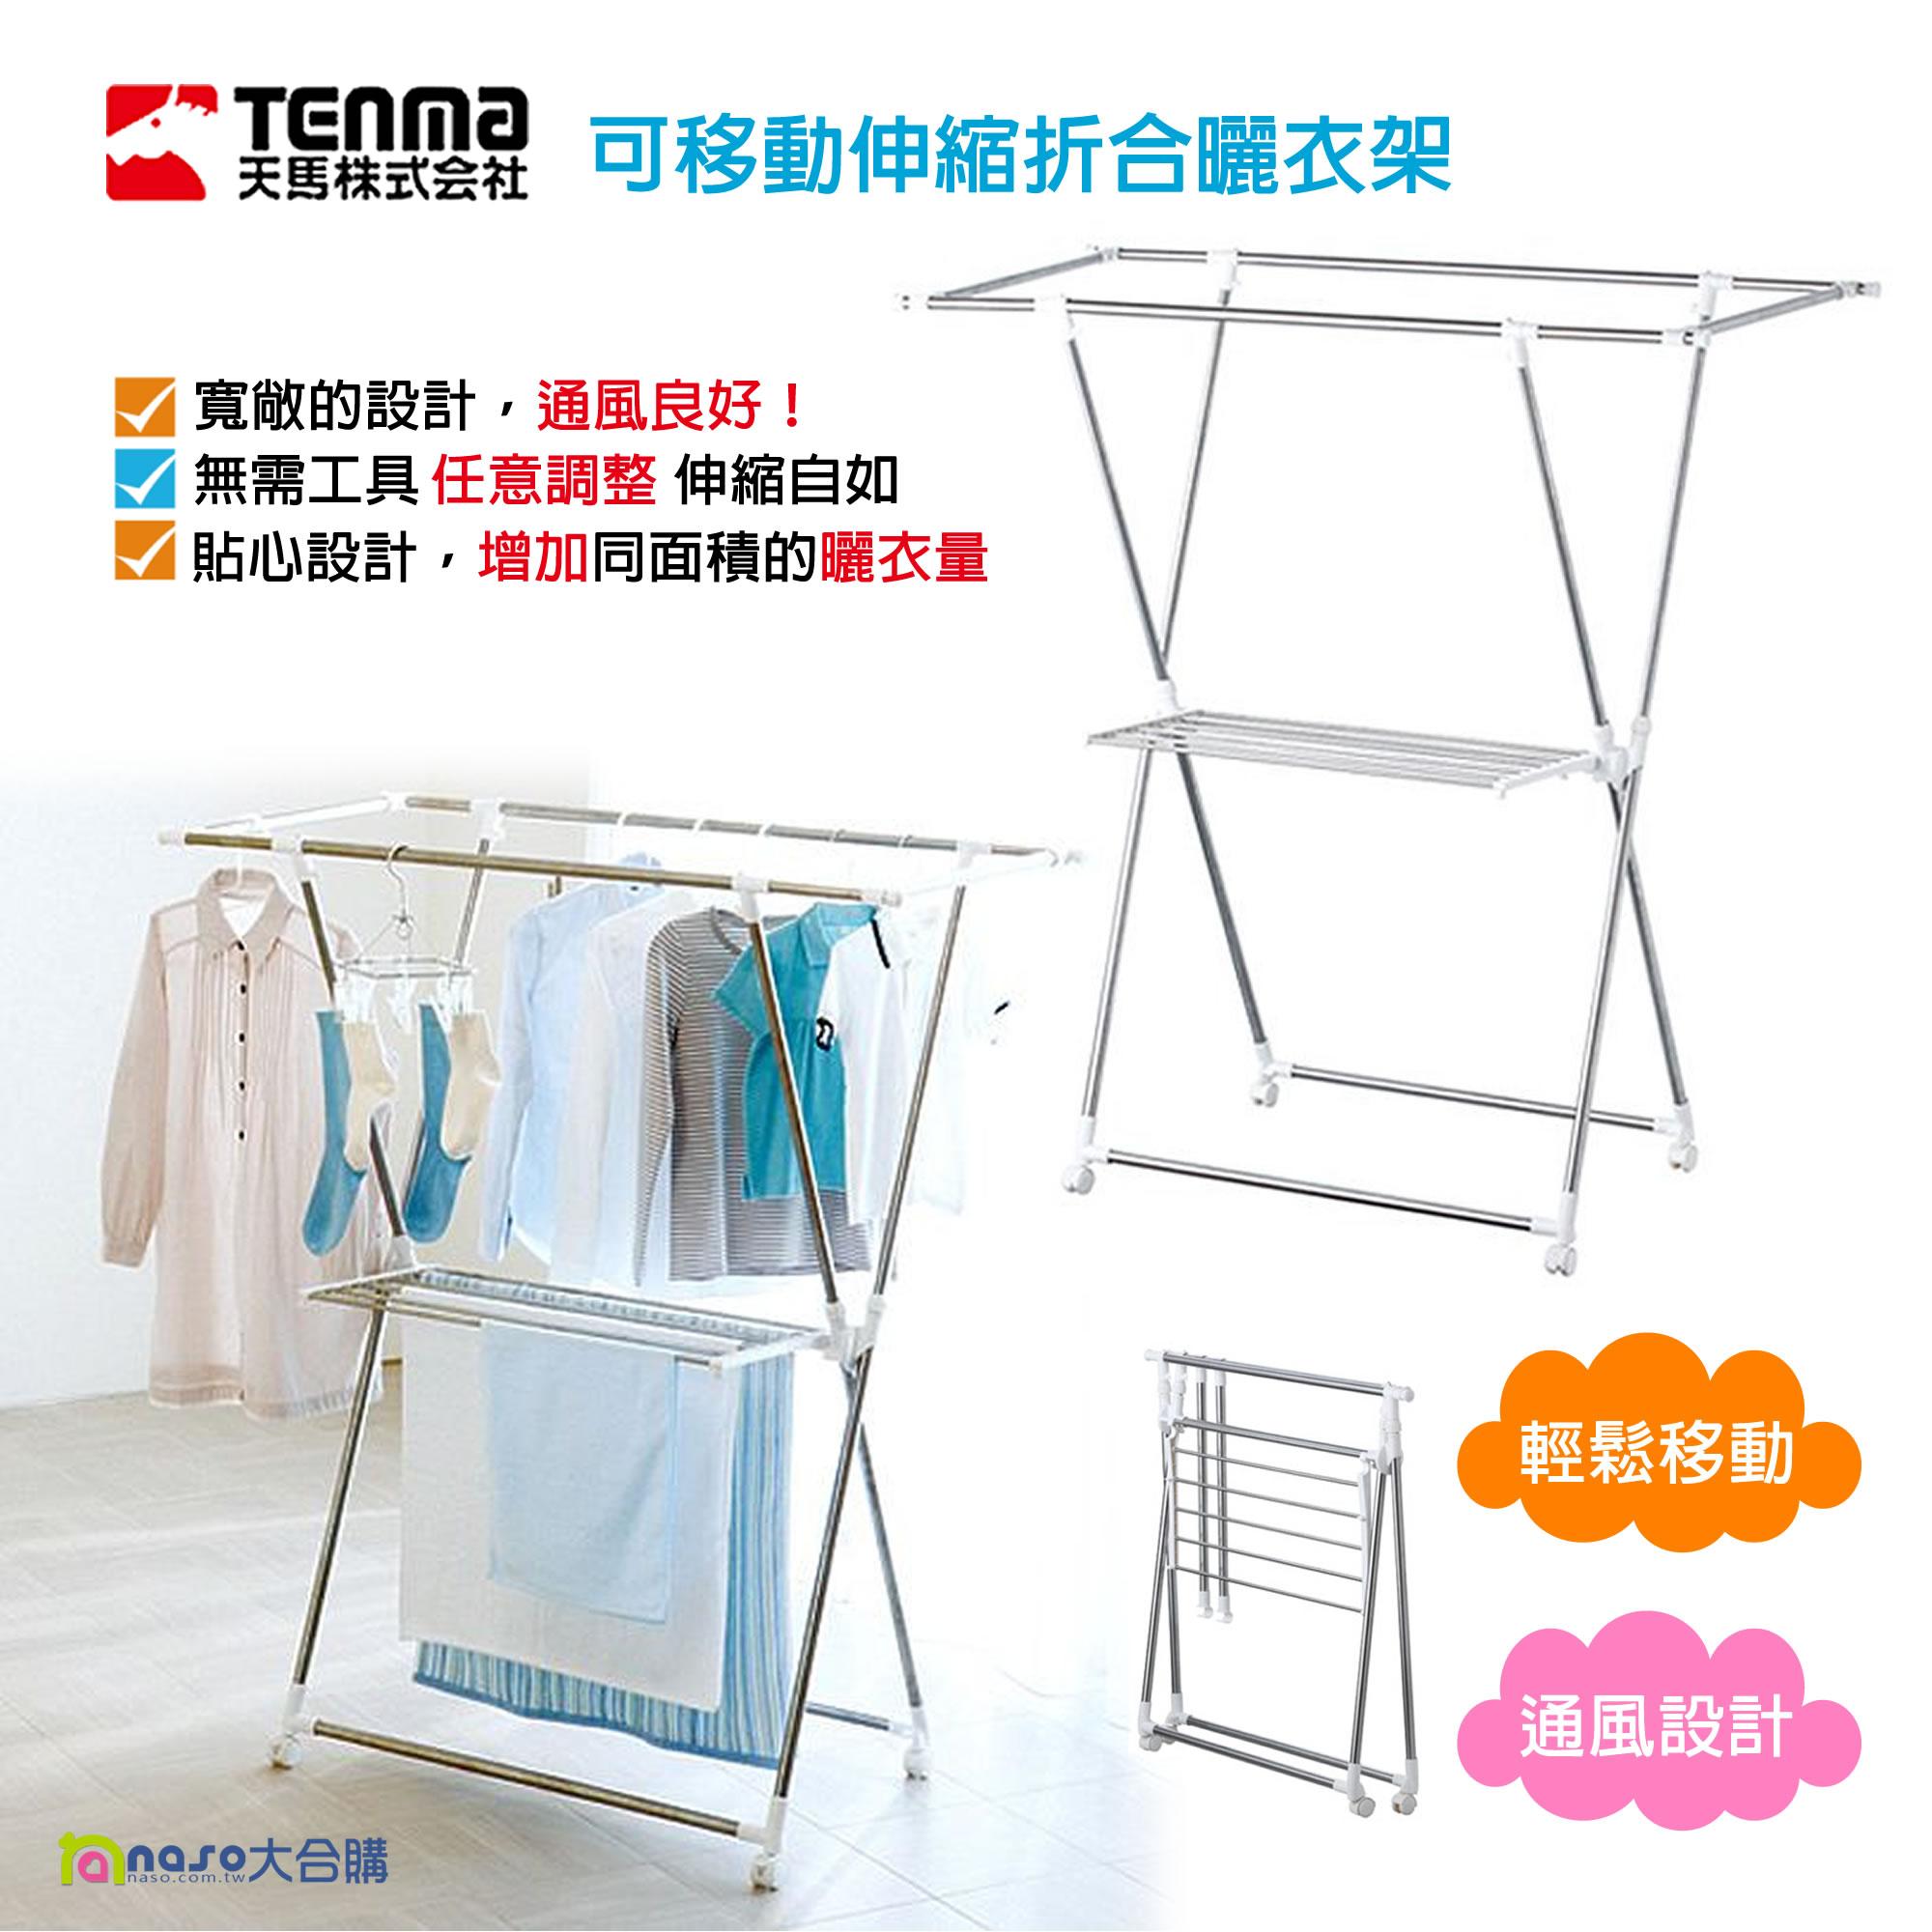 日本天馬Tenma可移動伸縮折合曬衣架/合金角型曬衣夾 好評第9團